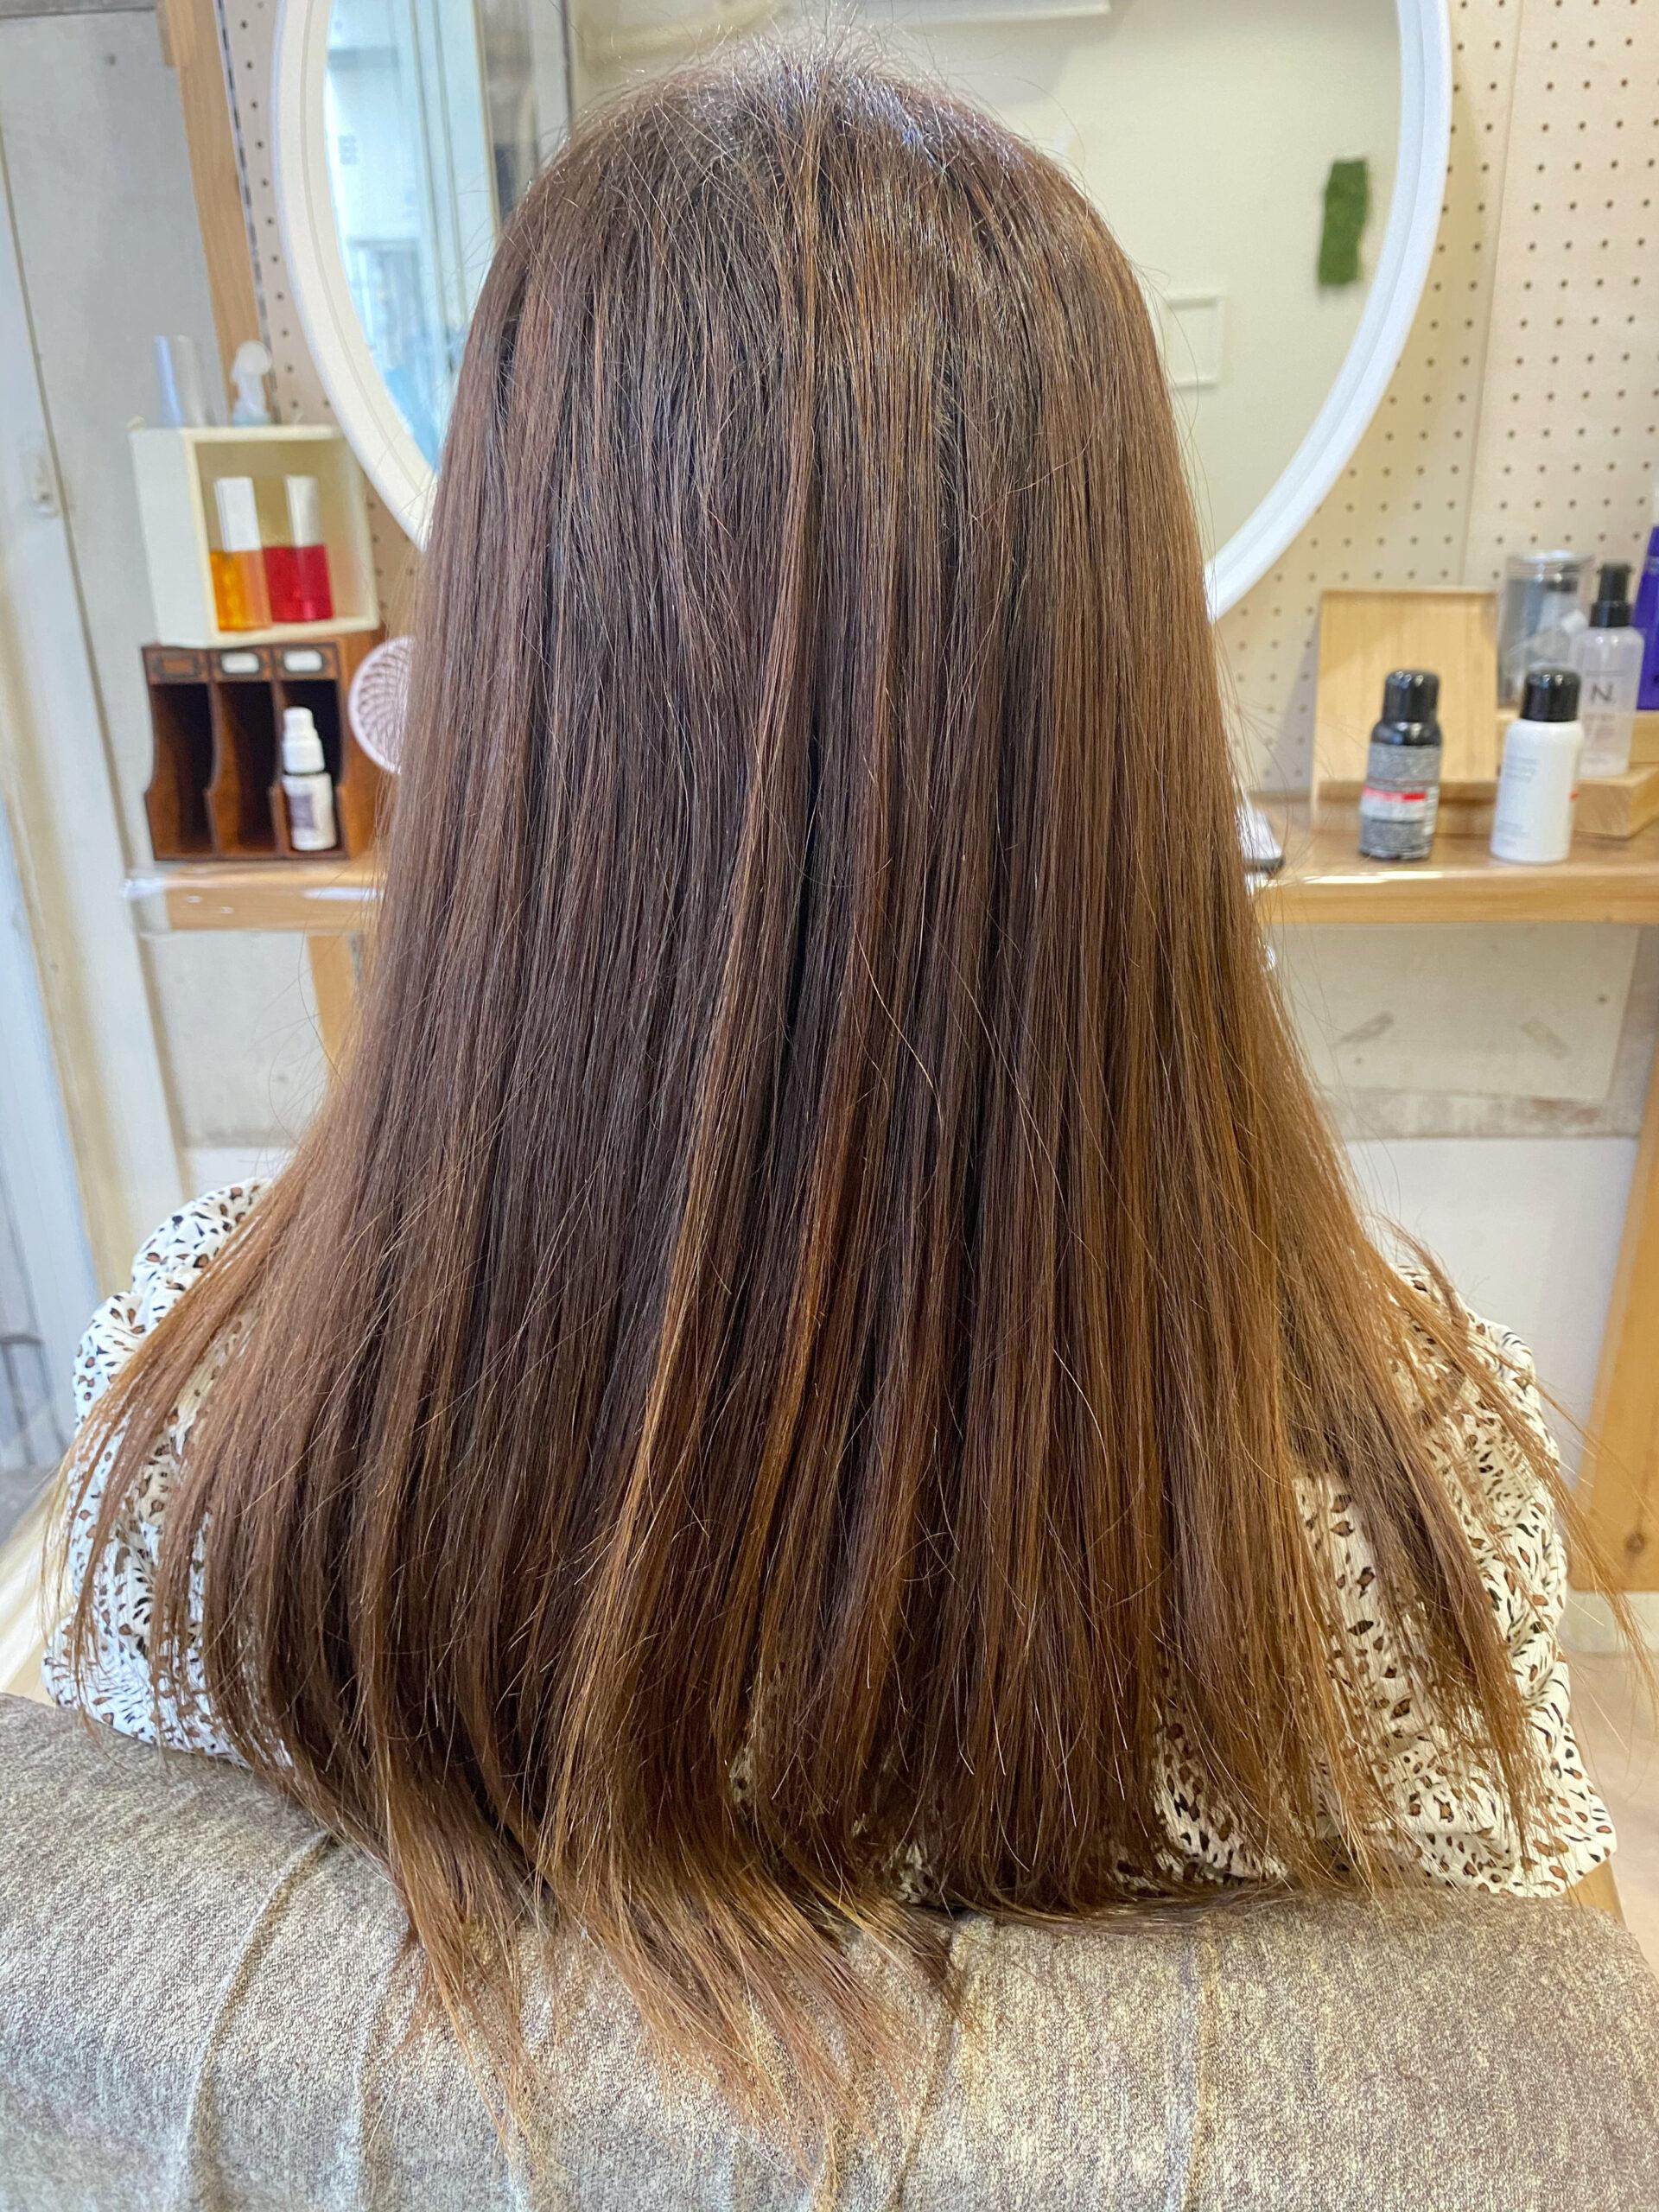 ジュエリーシステム×LULUトリートメント×縮毛矯正でパサつきが気になる方を艶髪ストレートヘア。